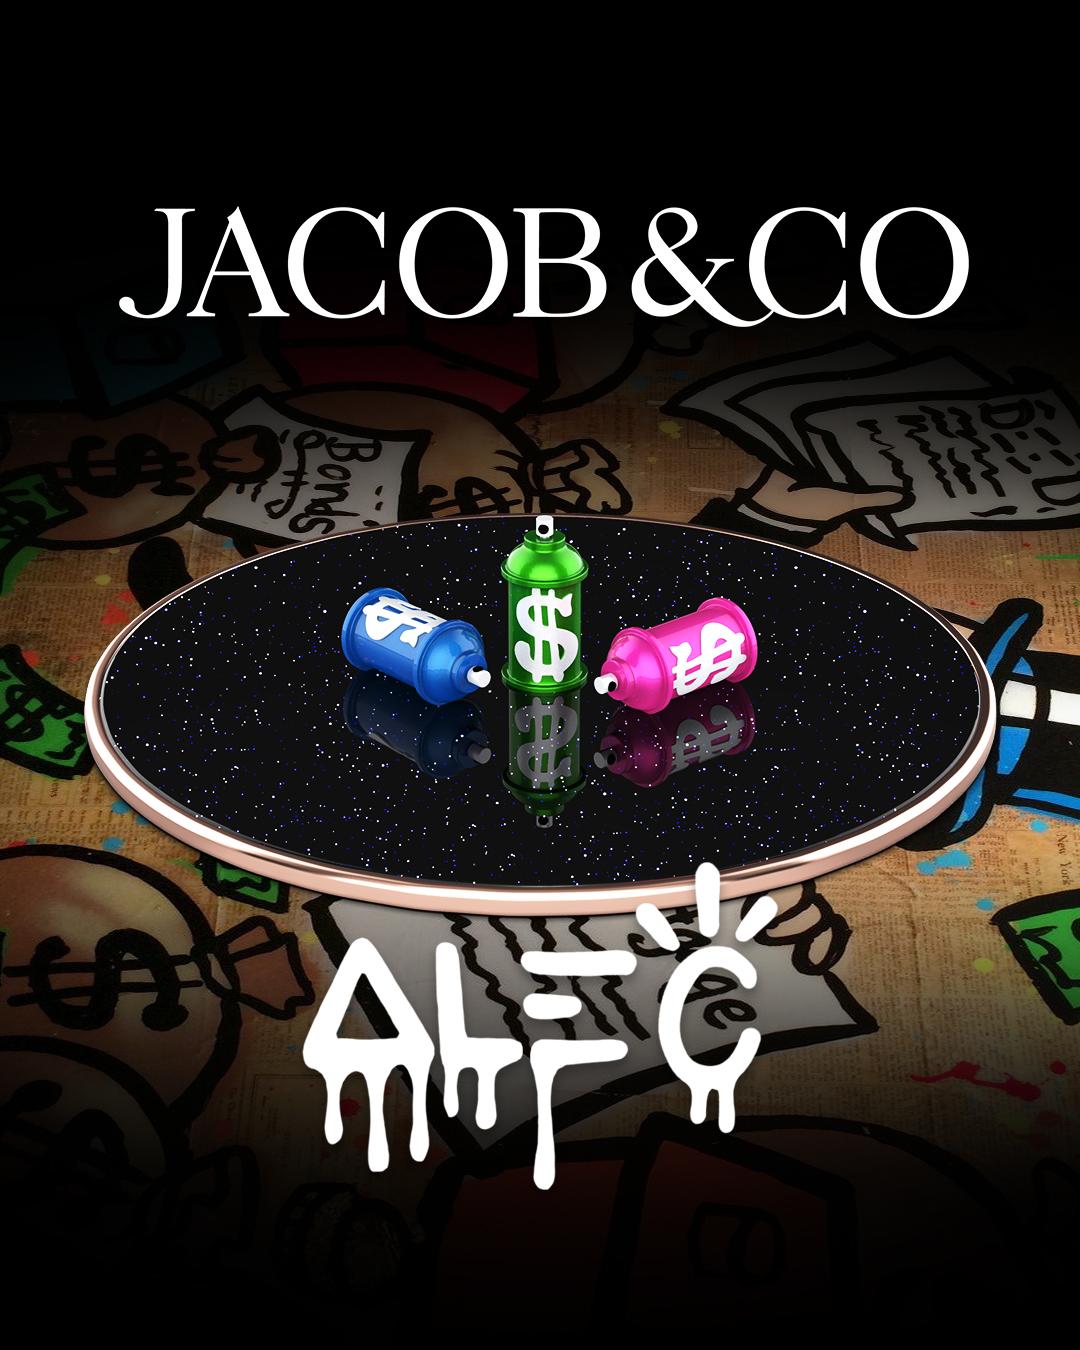 Jacob & Co. Astronomia Tourbillon Alec Monopoly watch